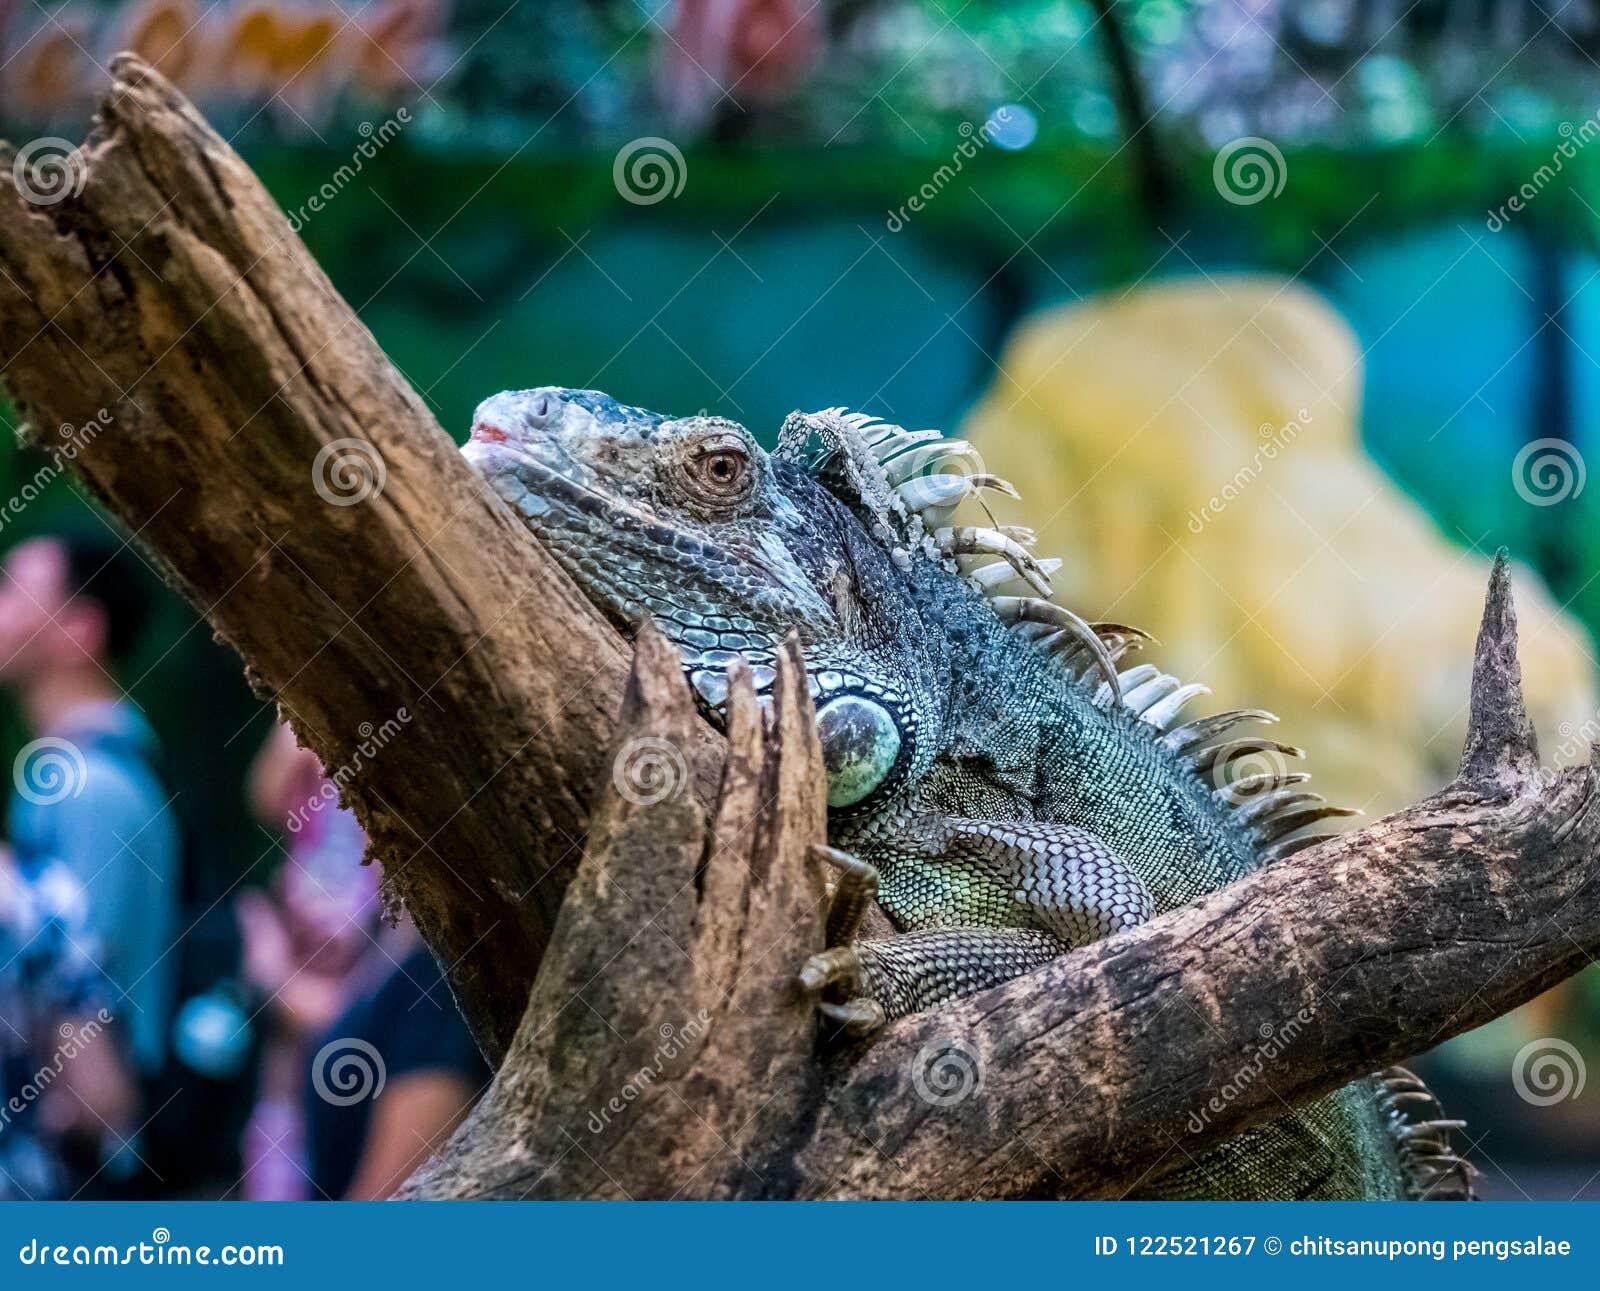 Groene Leguaanclose-up op tak mooi dier